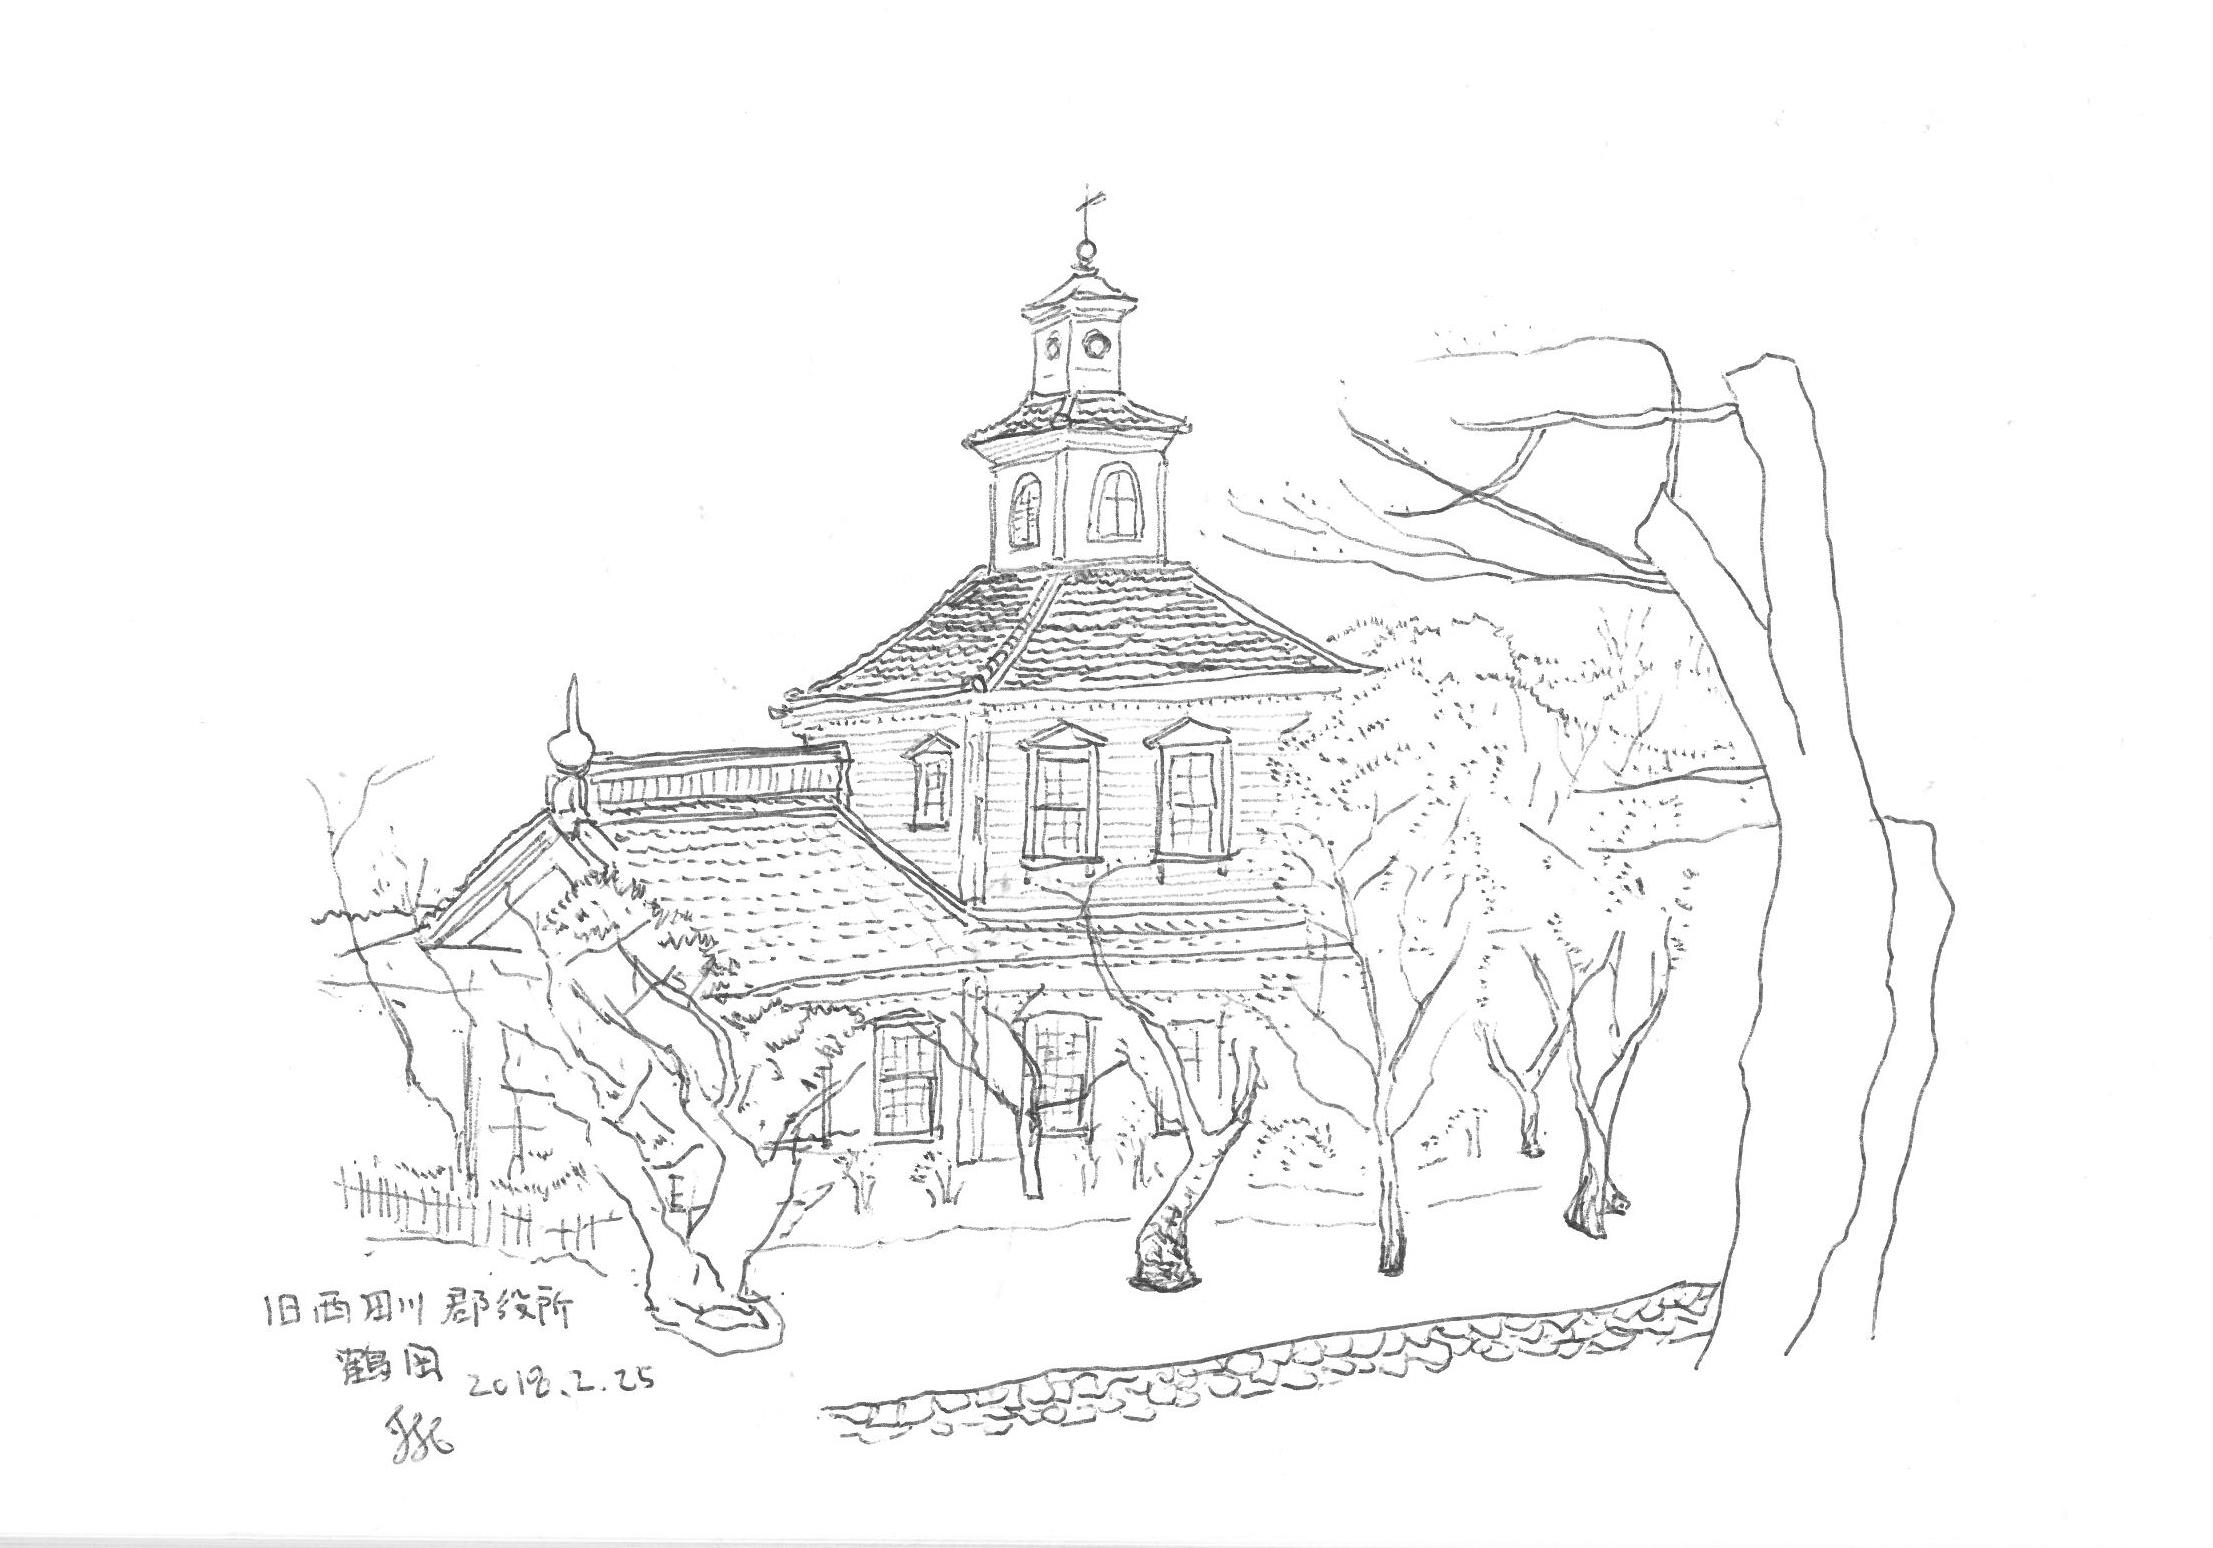 山形県鶴岡市の木造建築